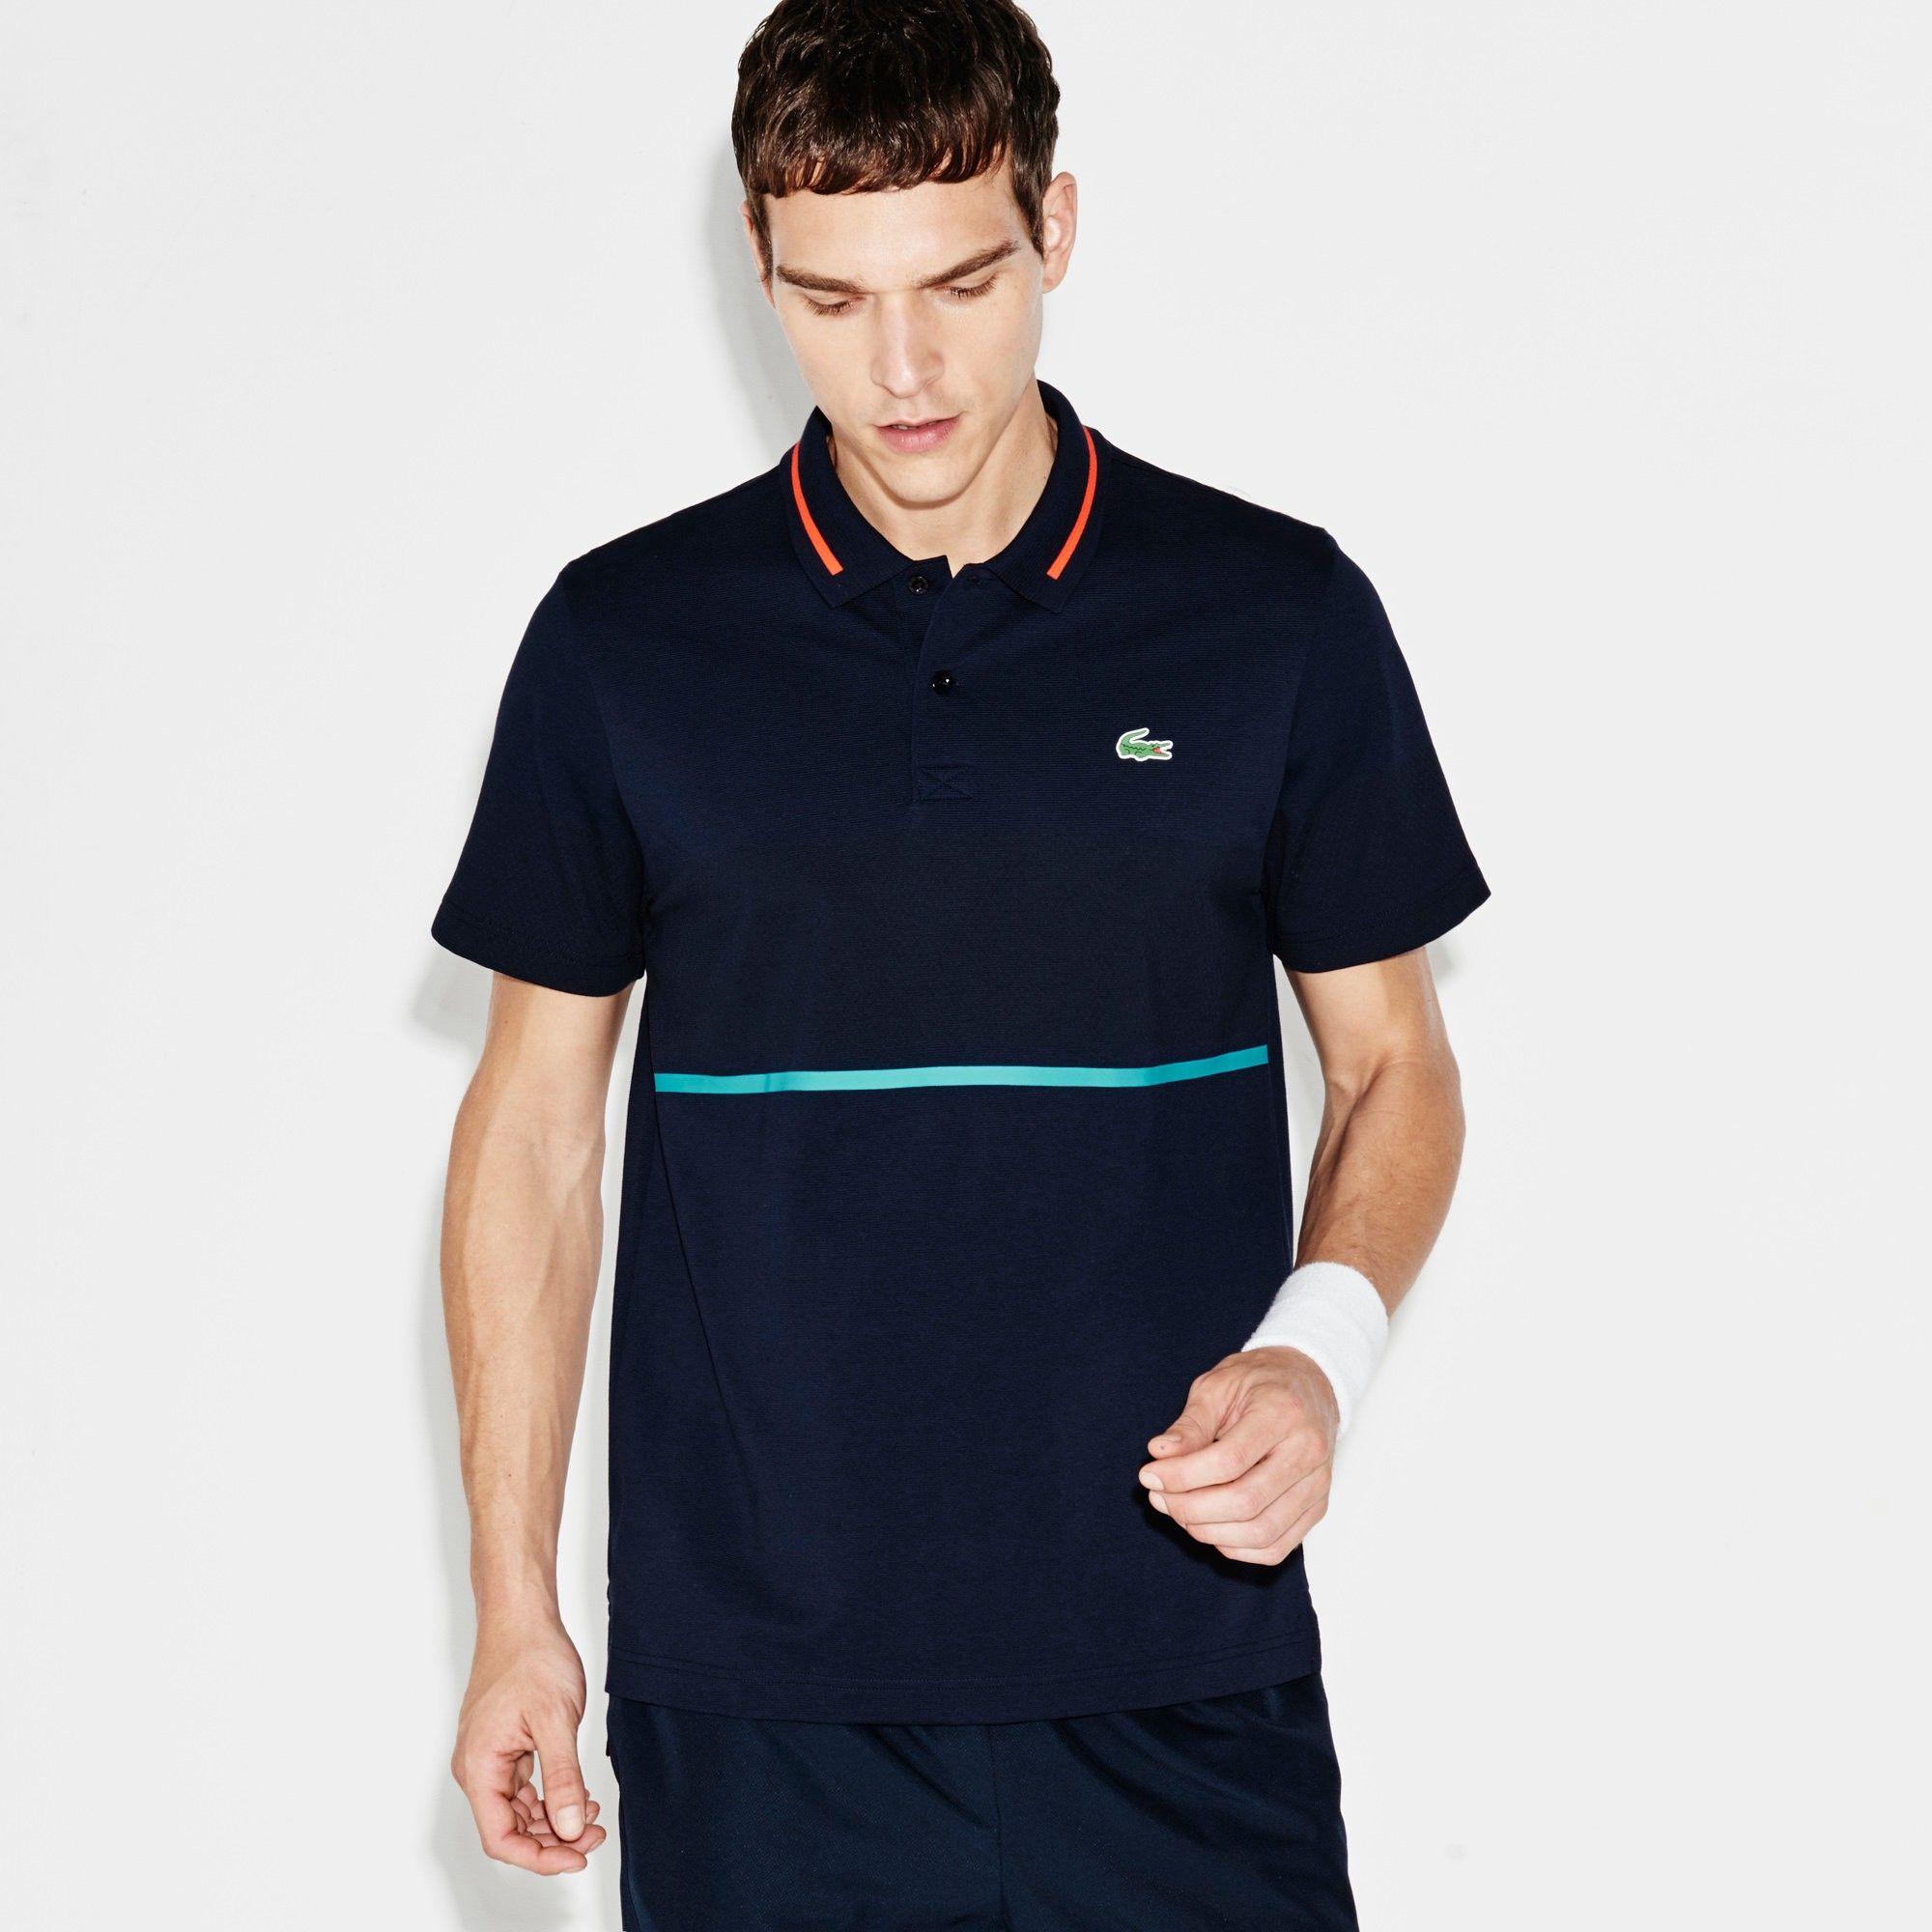 bdd0992c LACOSTE Men's SPORT Resistant Print Piqué Tennis Polo Shirt - navy blue/etna  red-oceani. #lacoste #cloth #